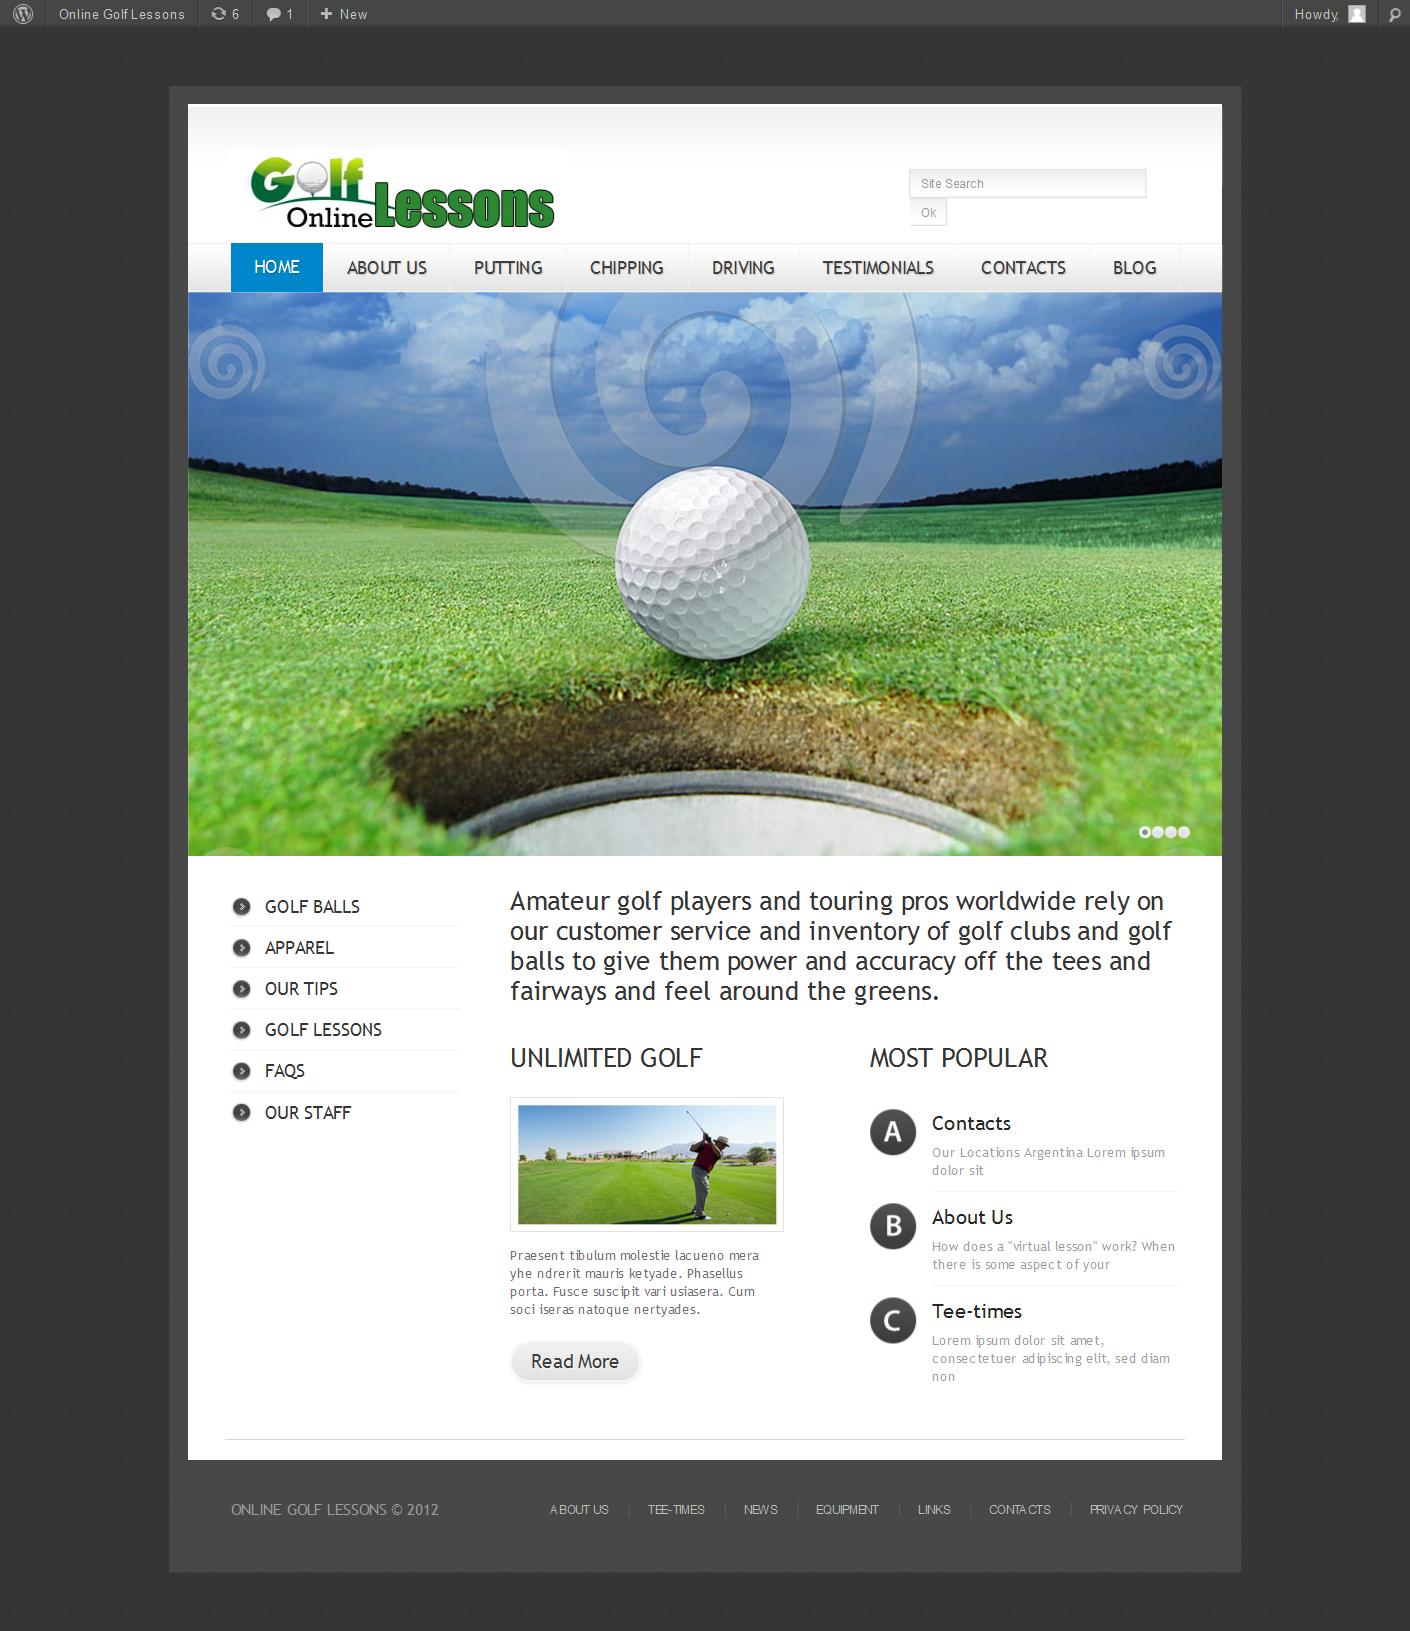 onlinegolf_com